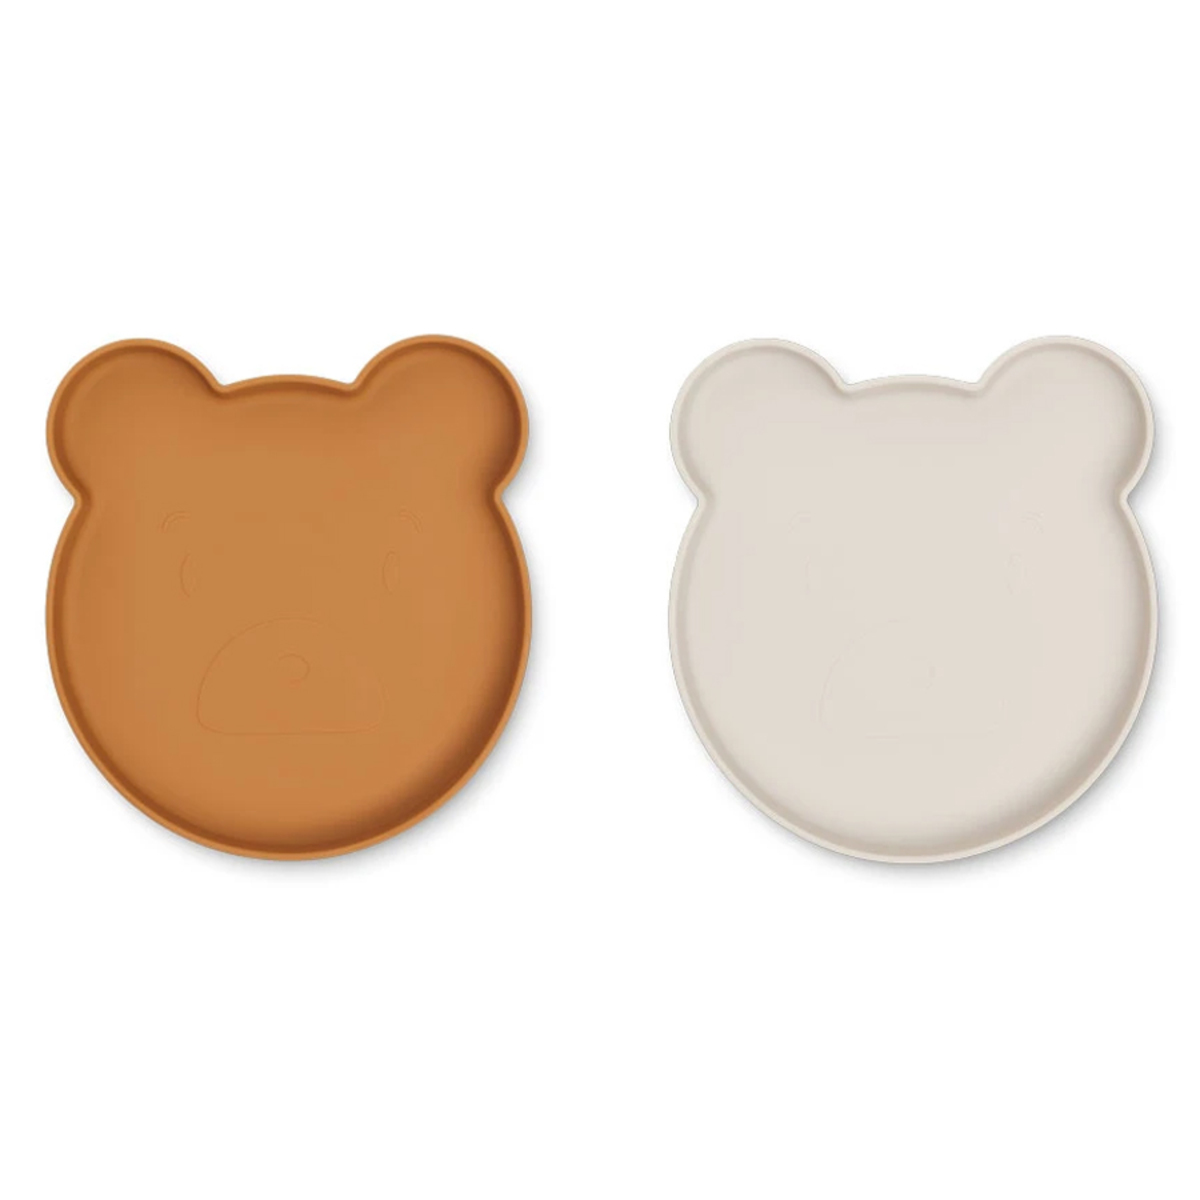 Vaisselle & Couvert Lot de 2 Assiettes Olivia Marty - Mr Bear Golden Caramel Sandy Mix Lot de 2 Assiettes Olivia Marty - Mr Bear Golden Caramel Sandy Mix